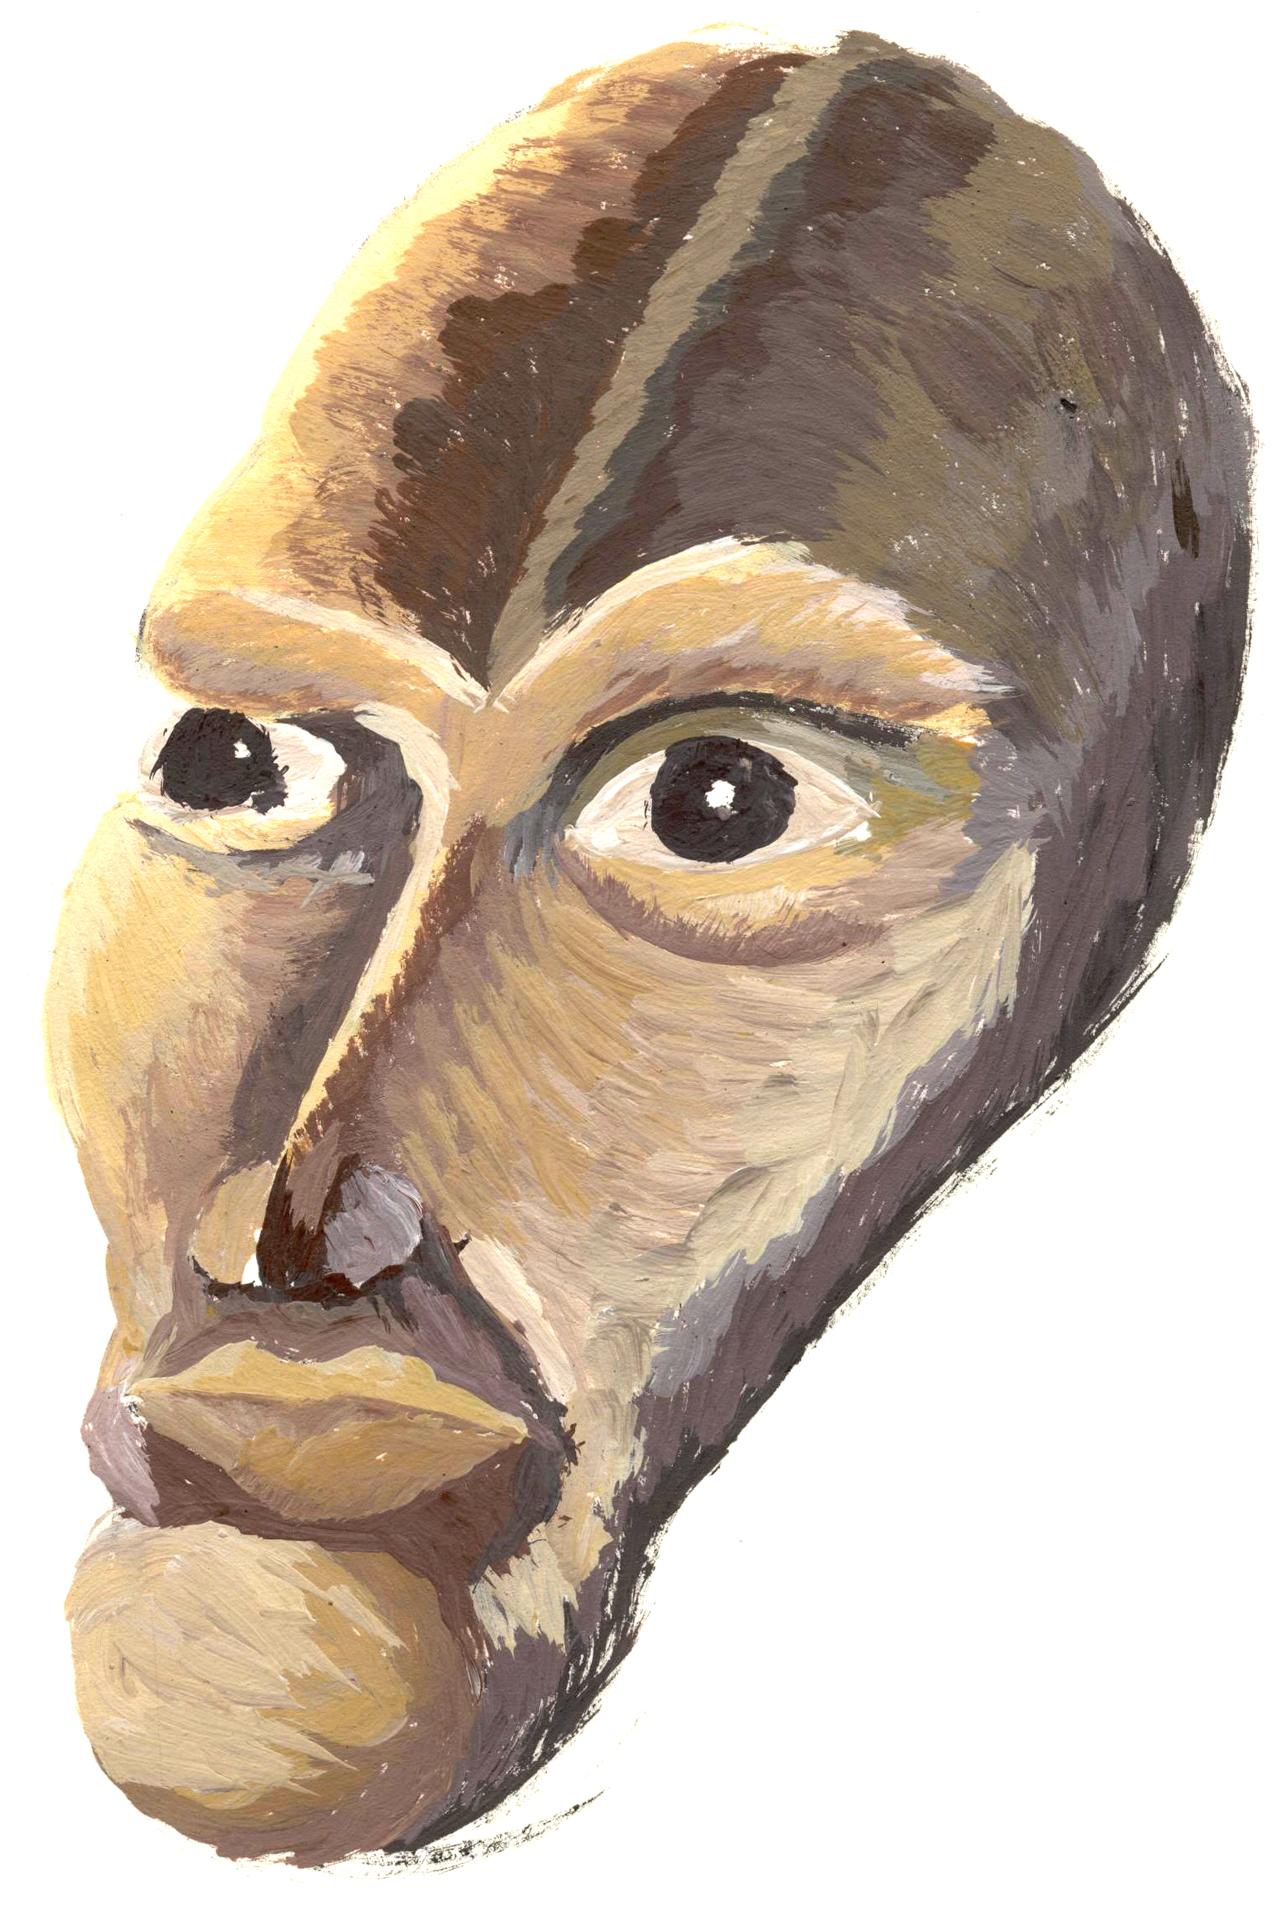 visage44